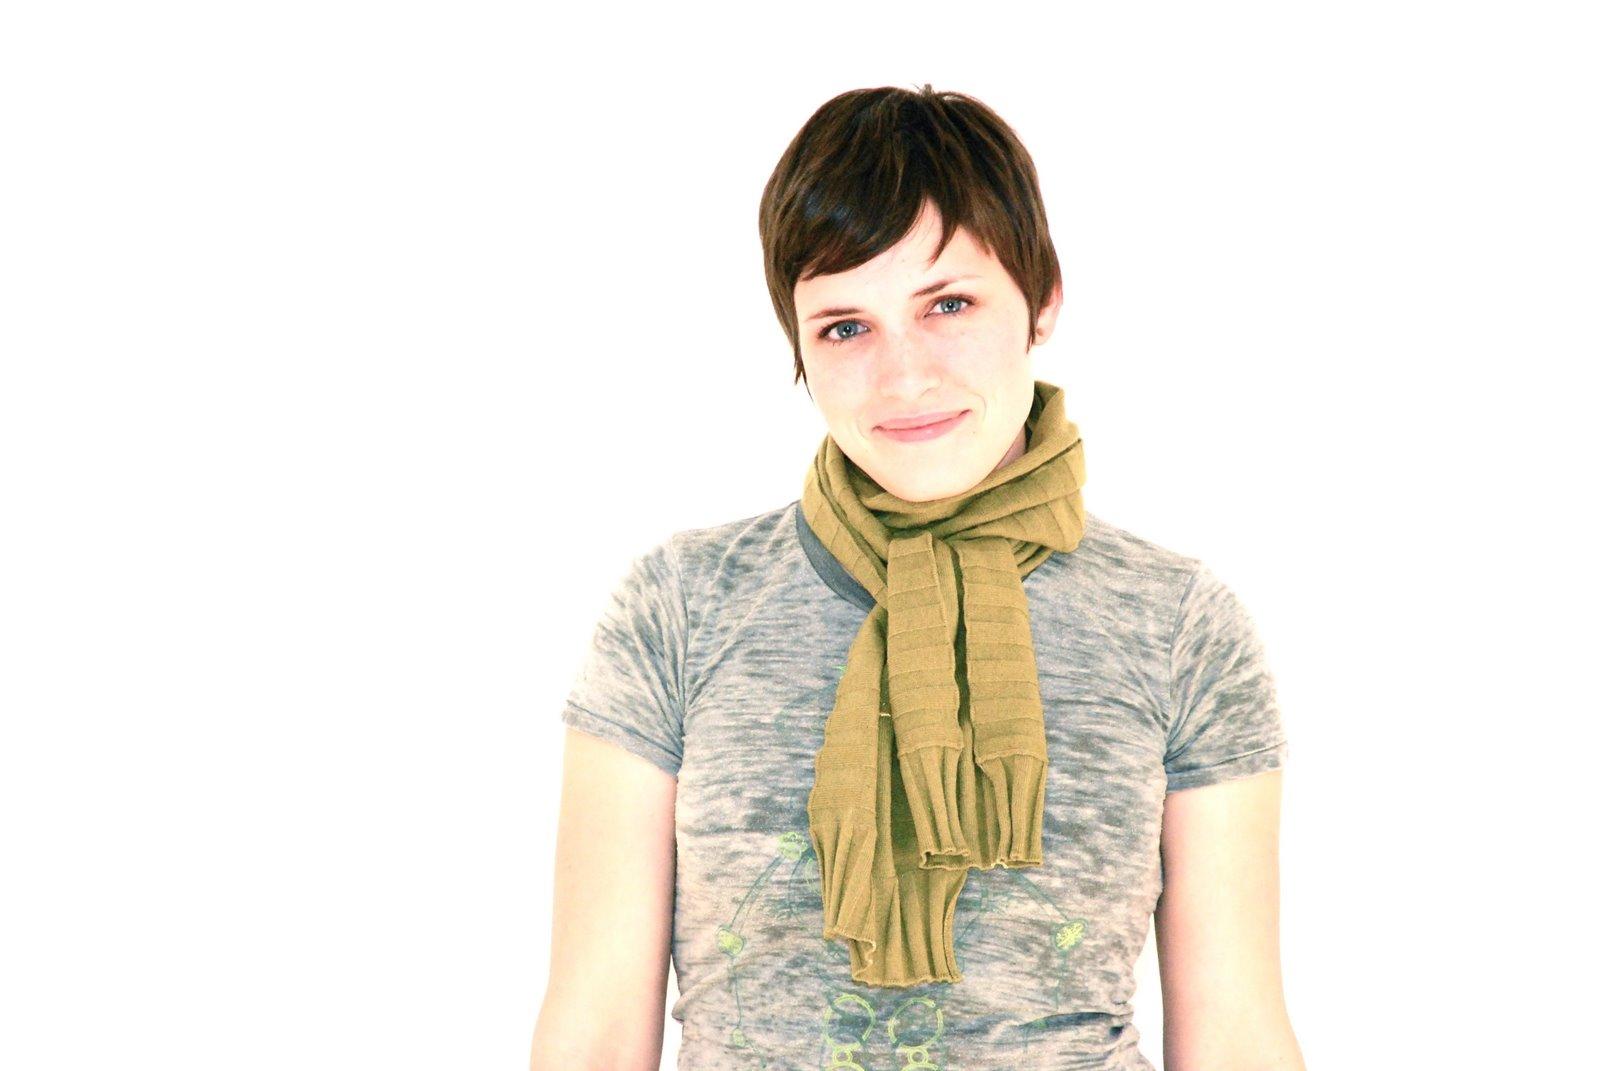 [scarf]